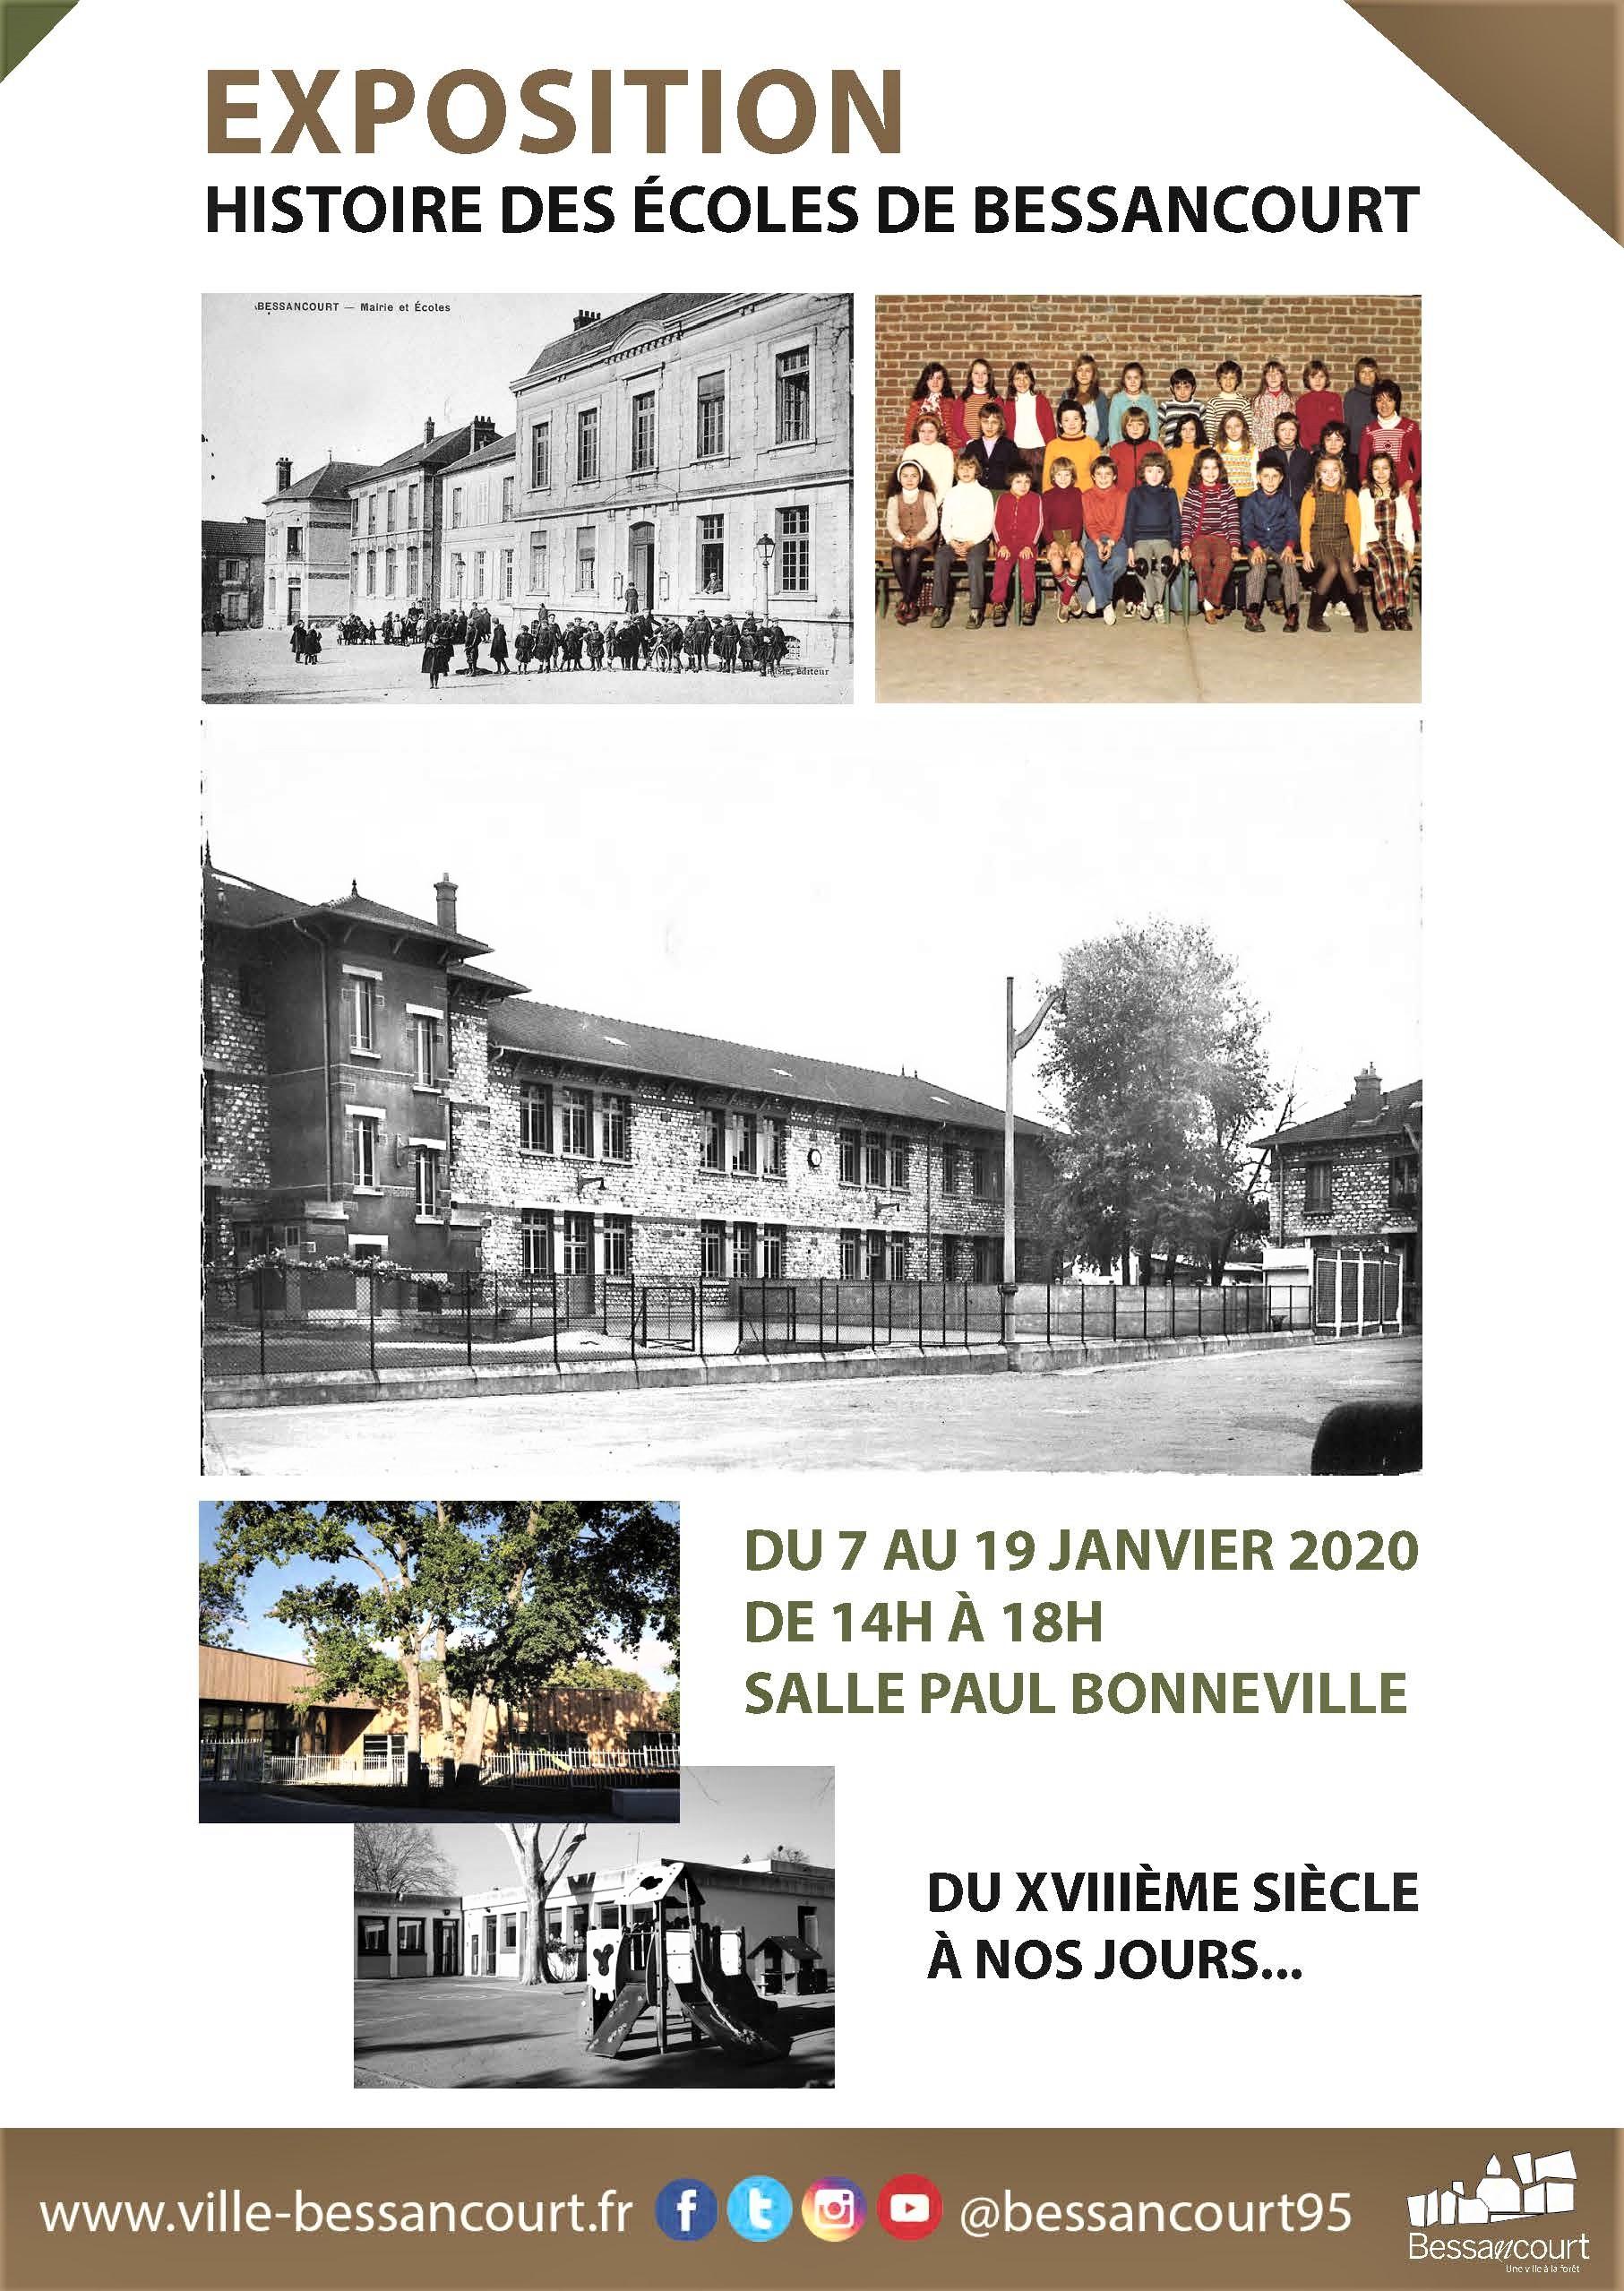 Exposition : Histoire des écoles de Bessancourt